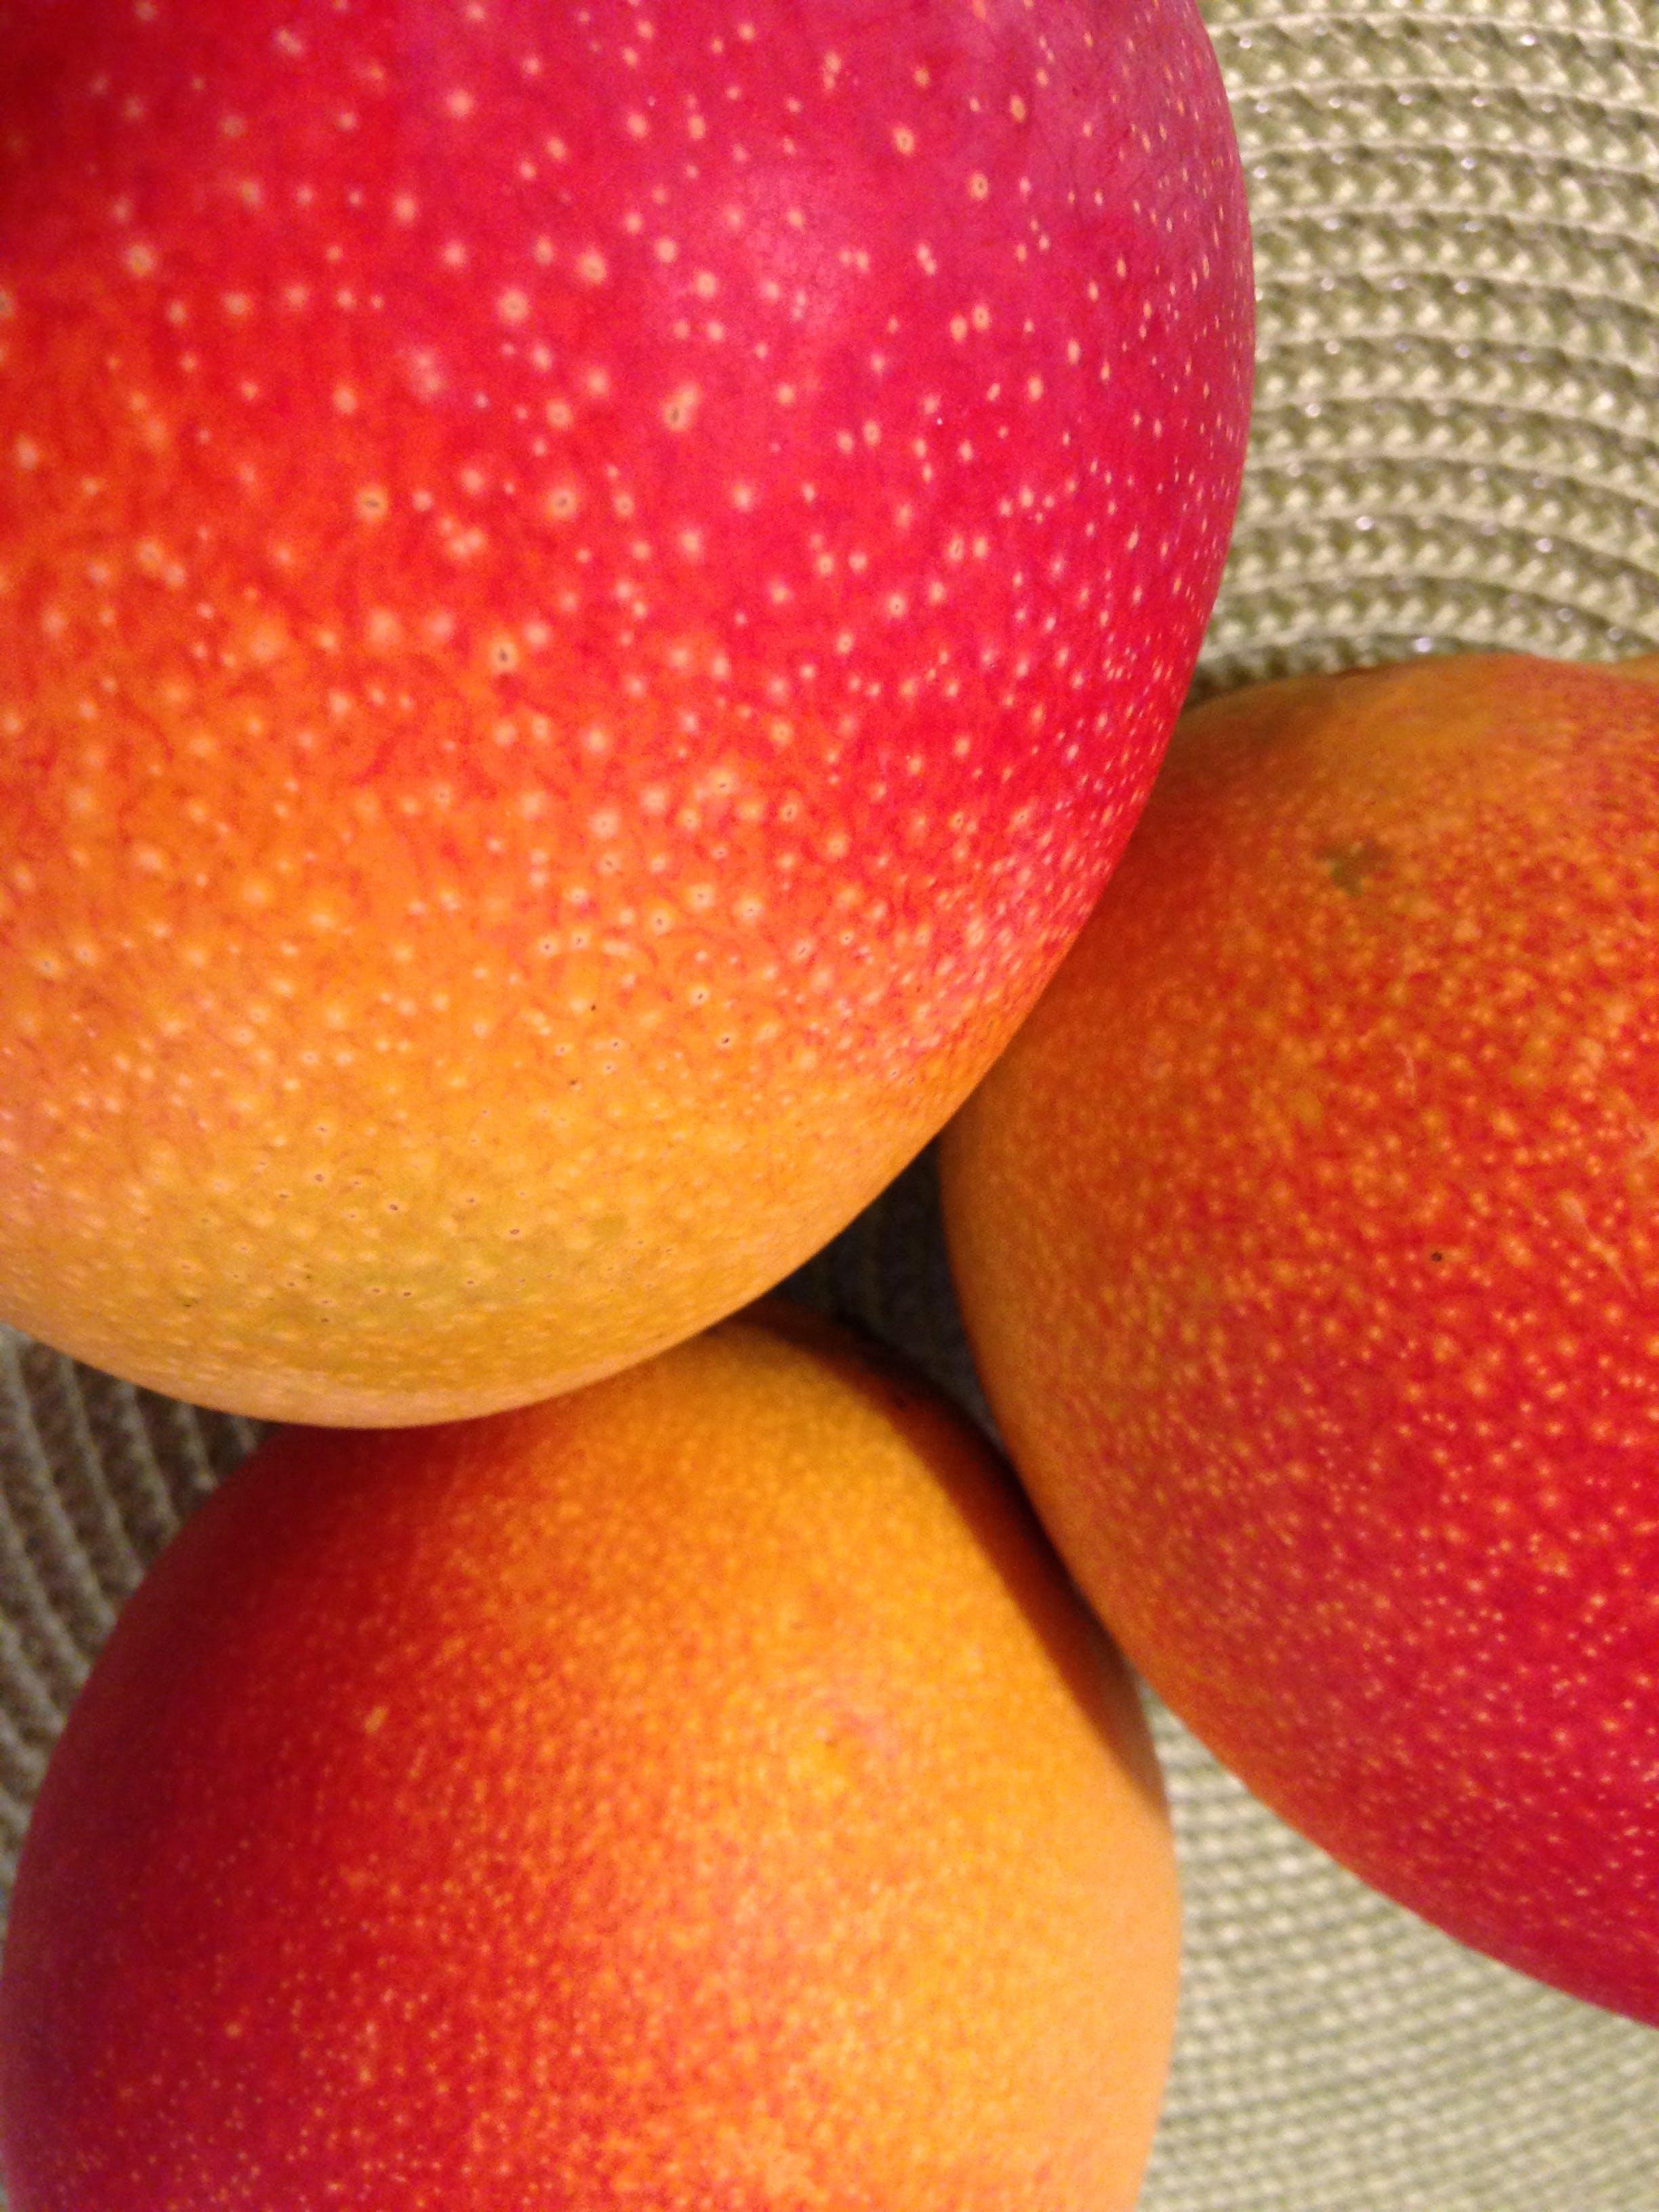 Kostenloses Stock Foto zu mangos